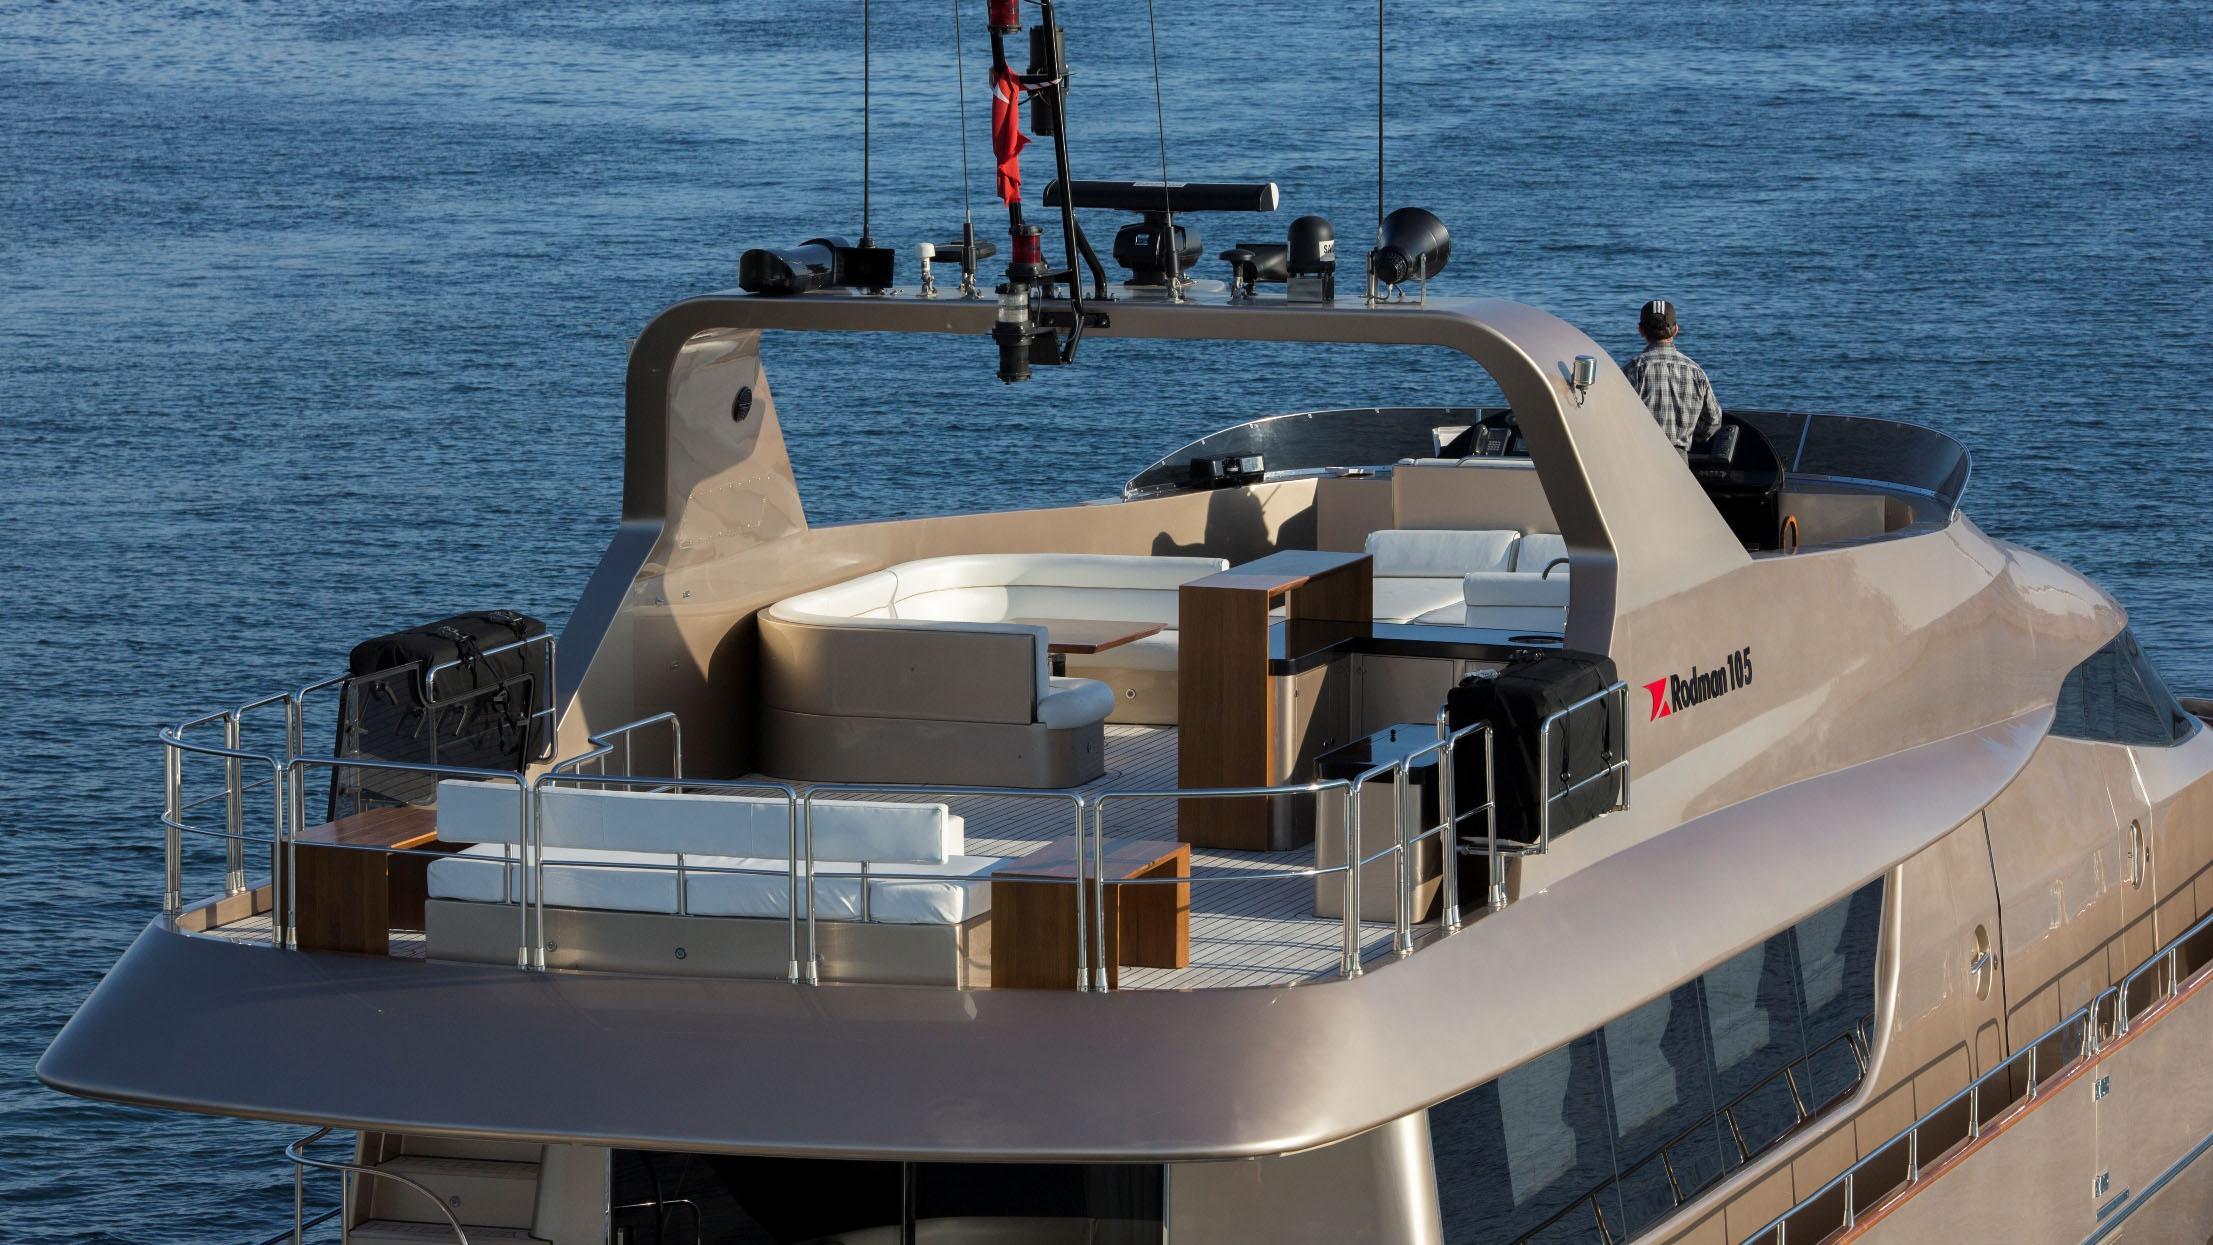 interceptor-xii-yacht-sun-deck